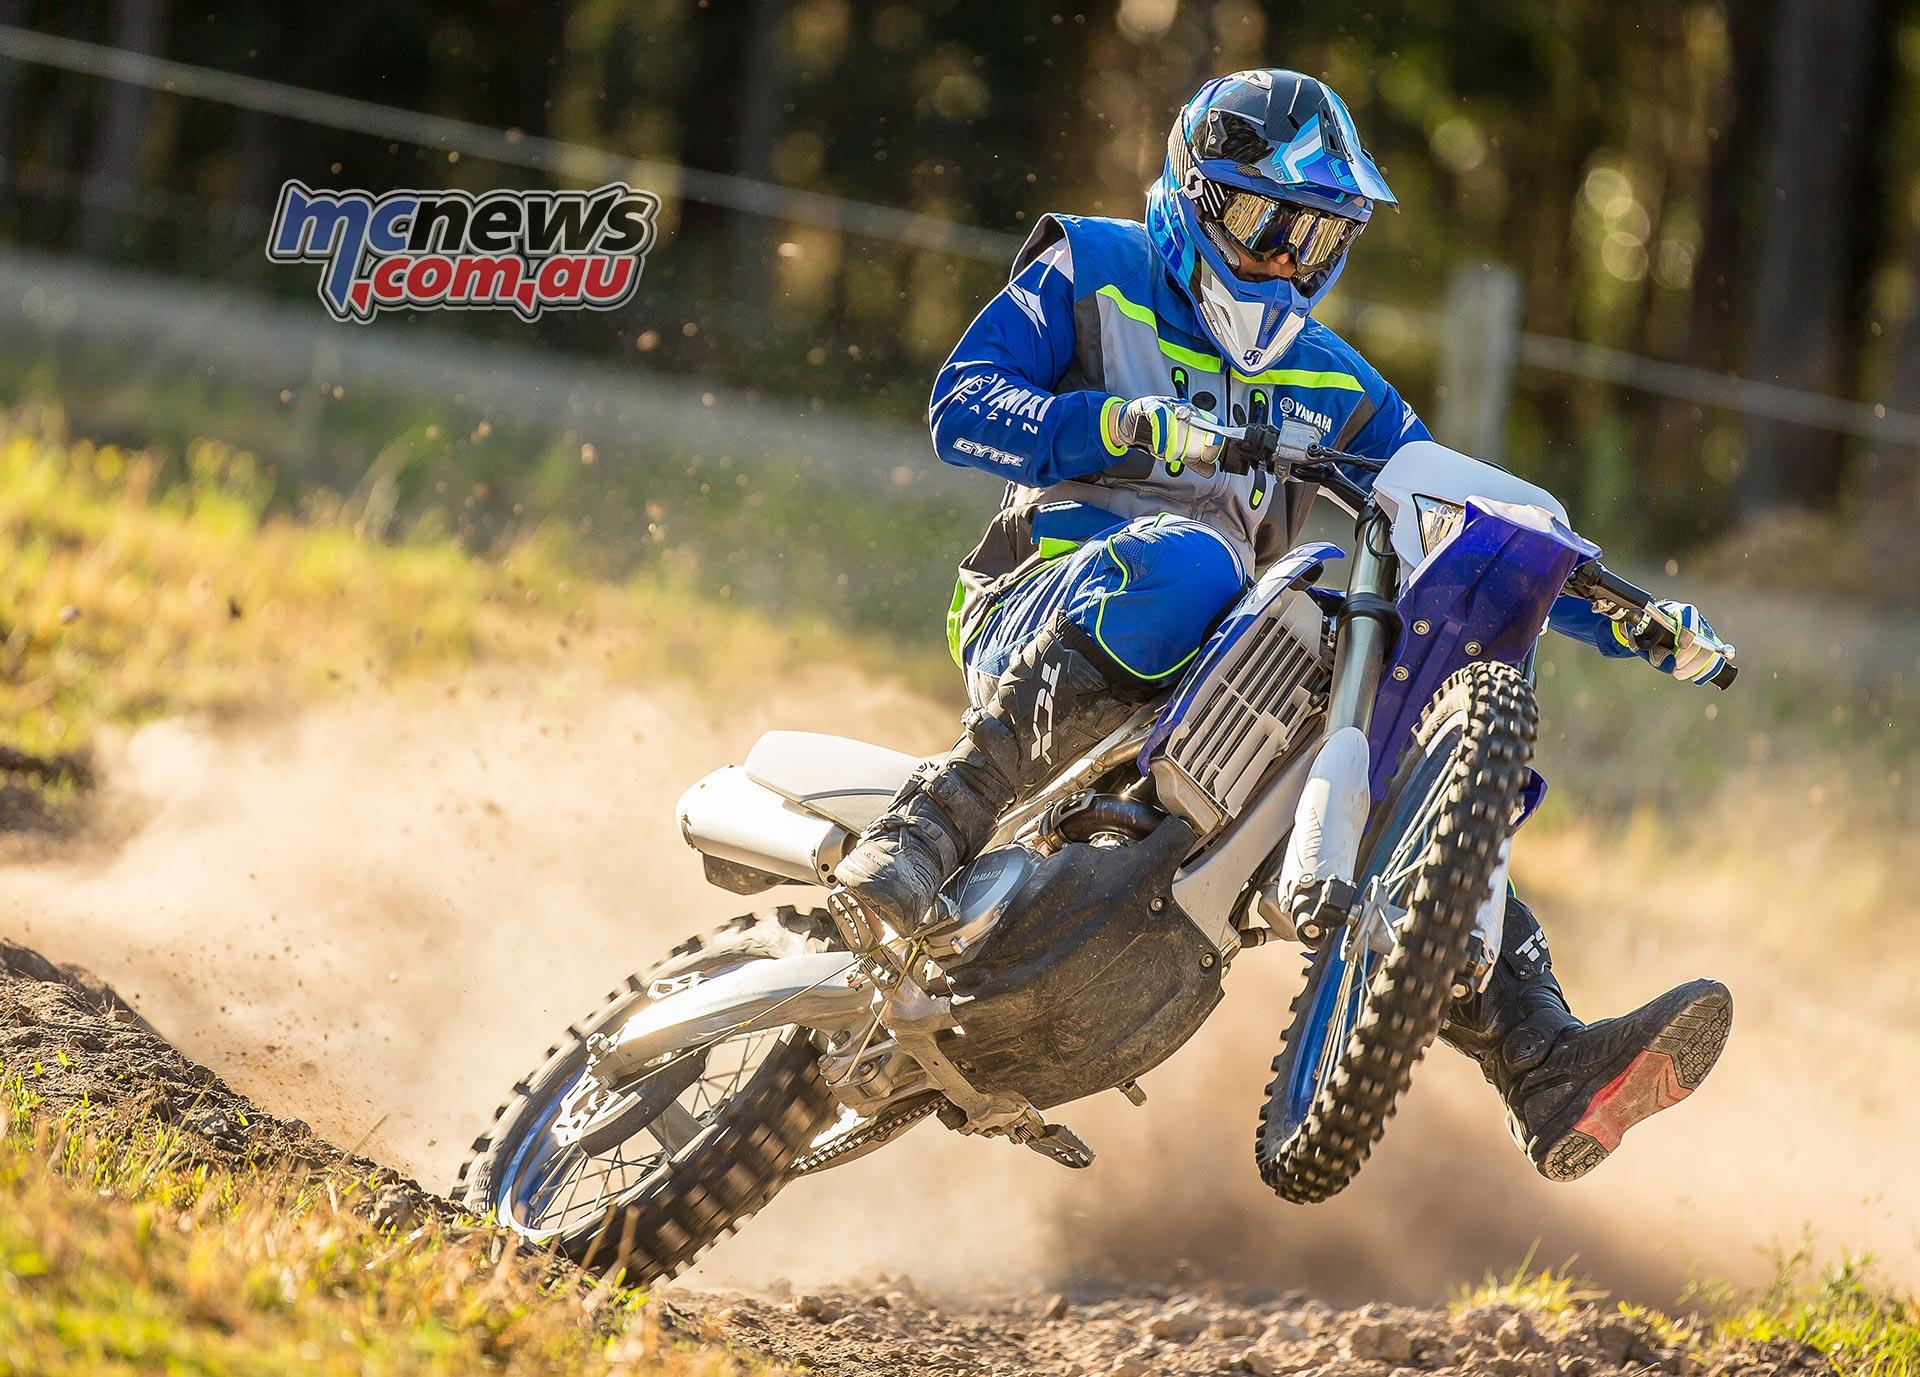 2019 Yamaha WR450F | Big changes for 2019 WR450F | MCNews com au